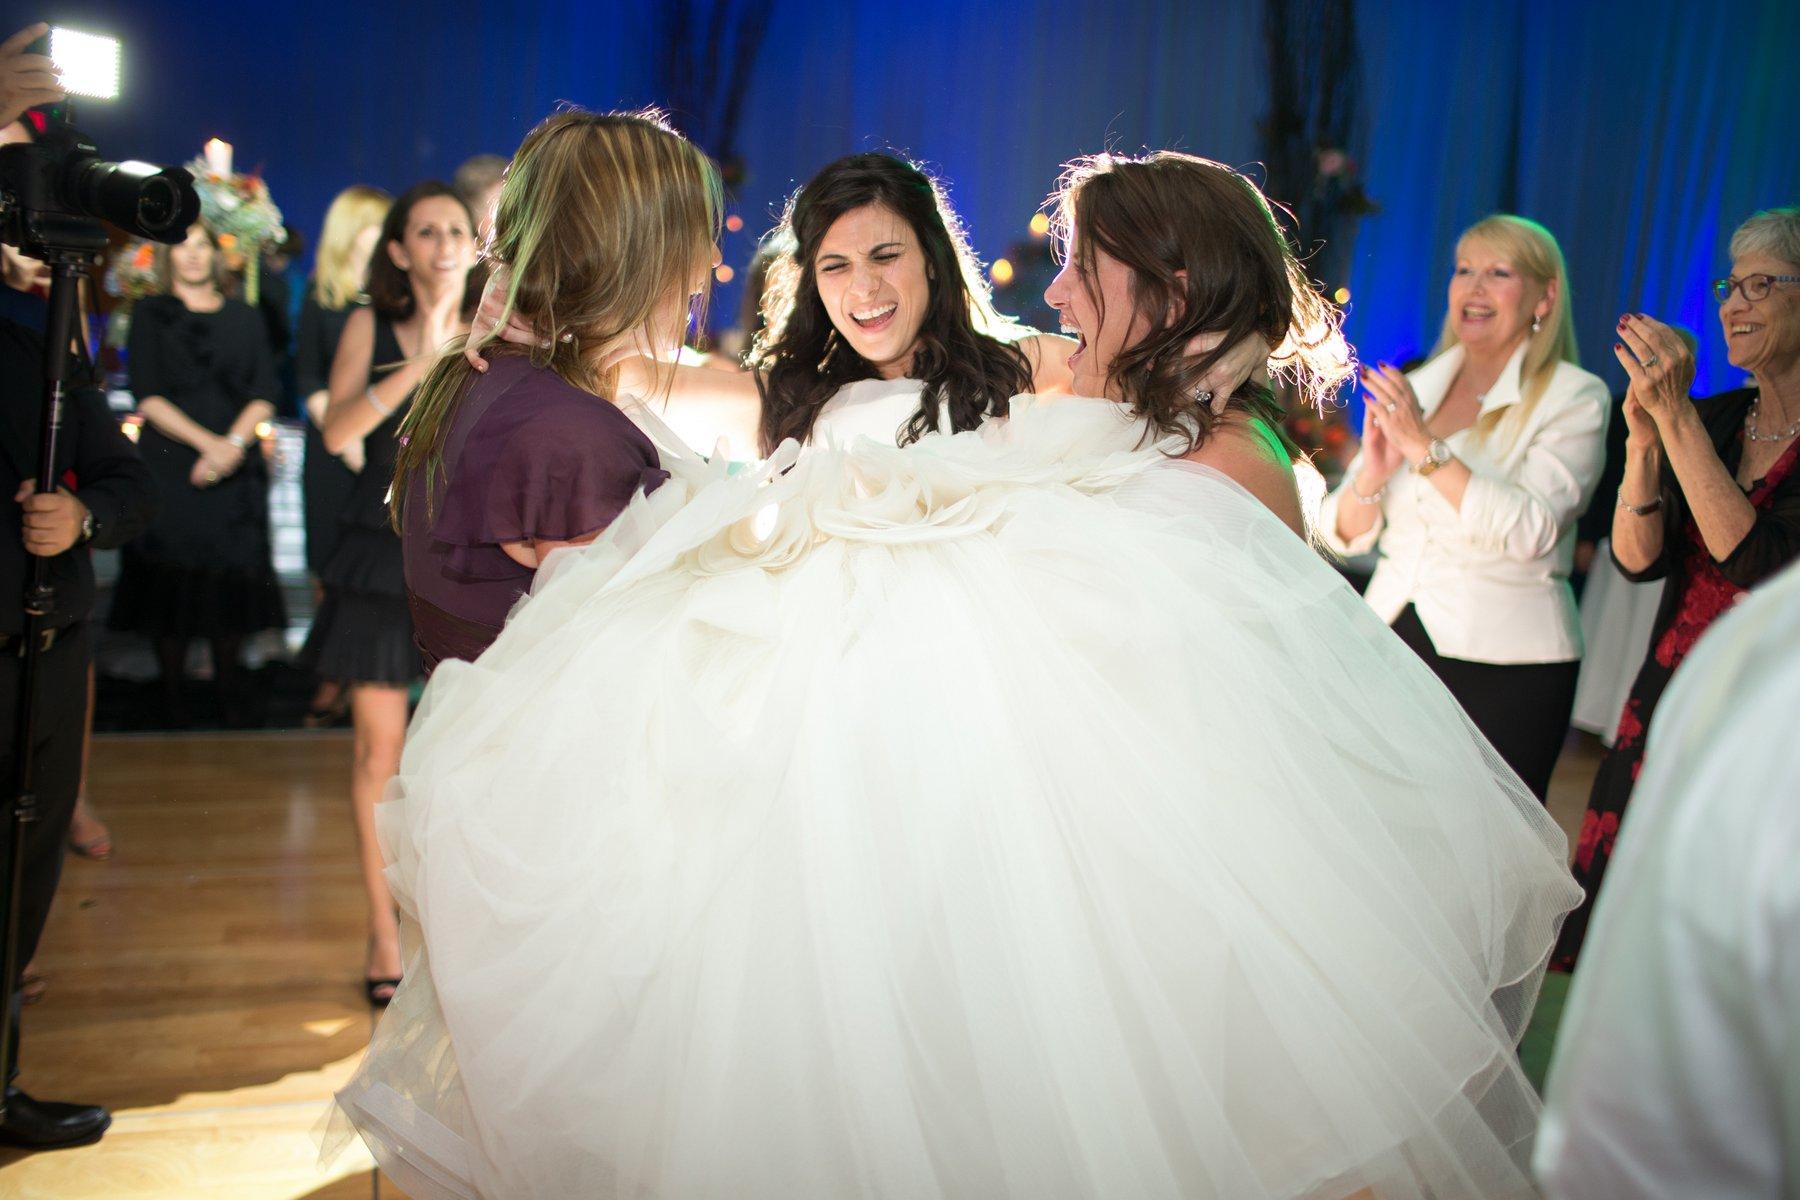 ortodox jewish wedding dancing